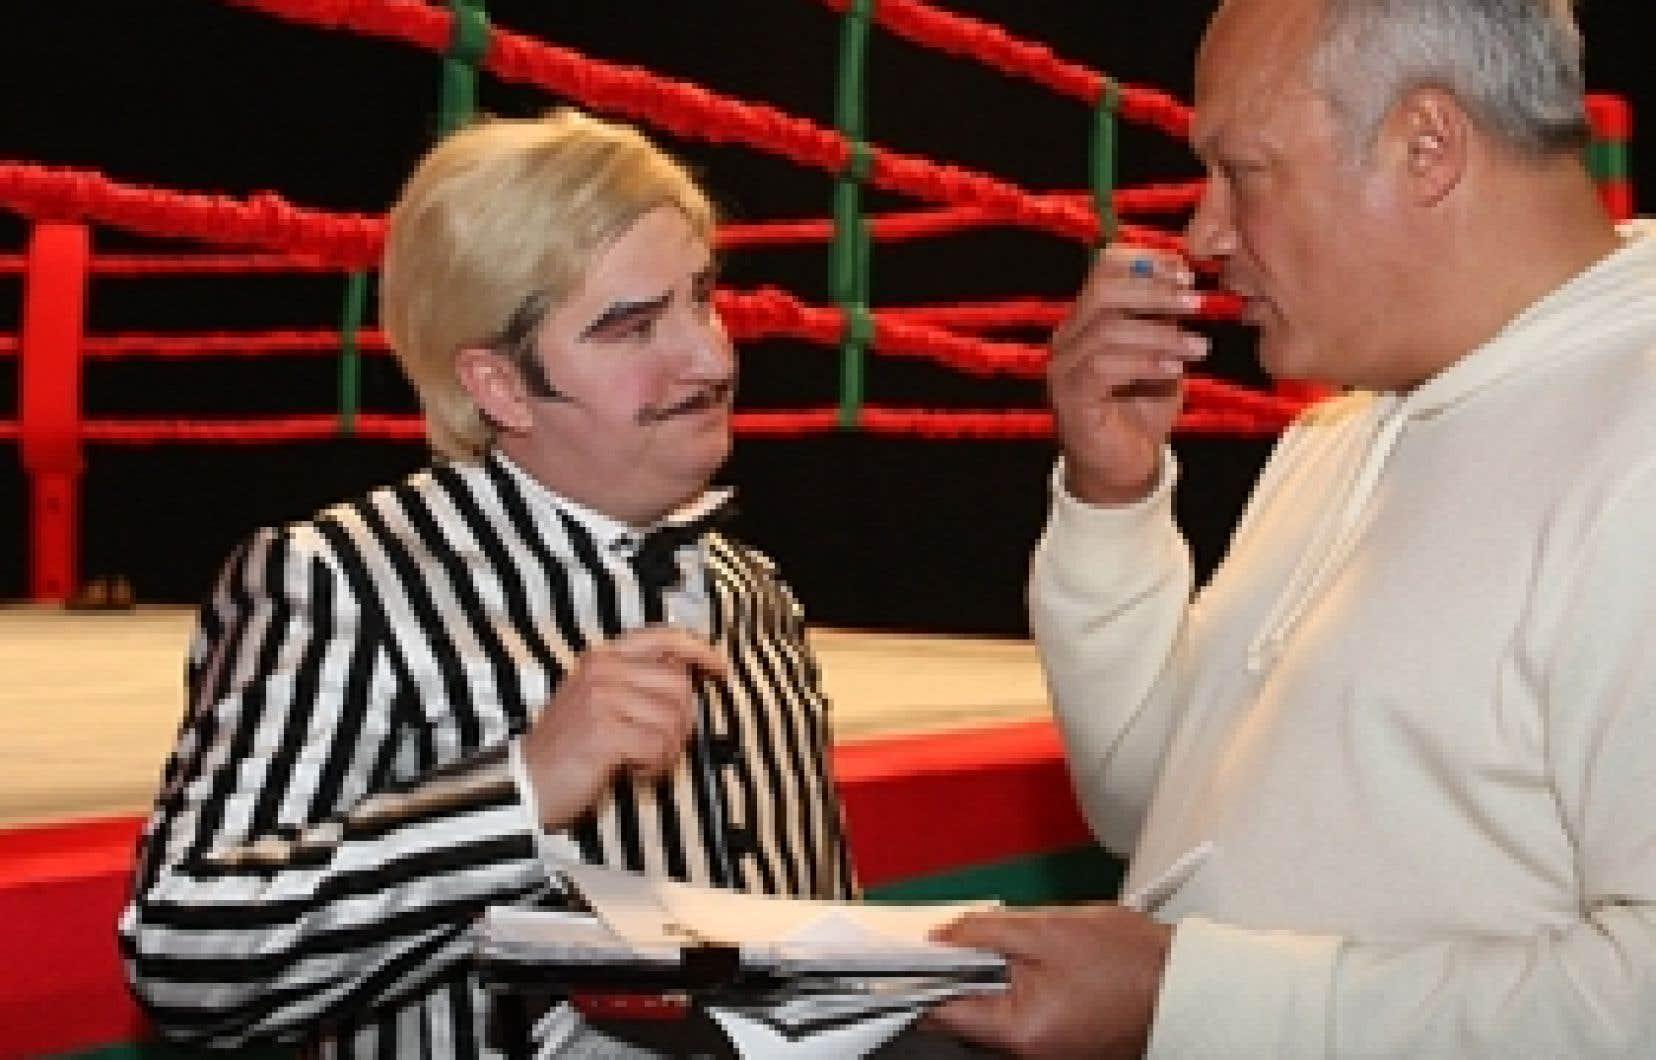 Benoît Brière, maquillé en arbitre clownesque, tournait hier une scène où il est projeté hors du ring par le souffle puissant d'une catcheuse. Il en a discuté avec Éric-Emmanuel Schmitt.